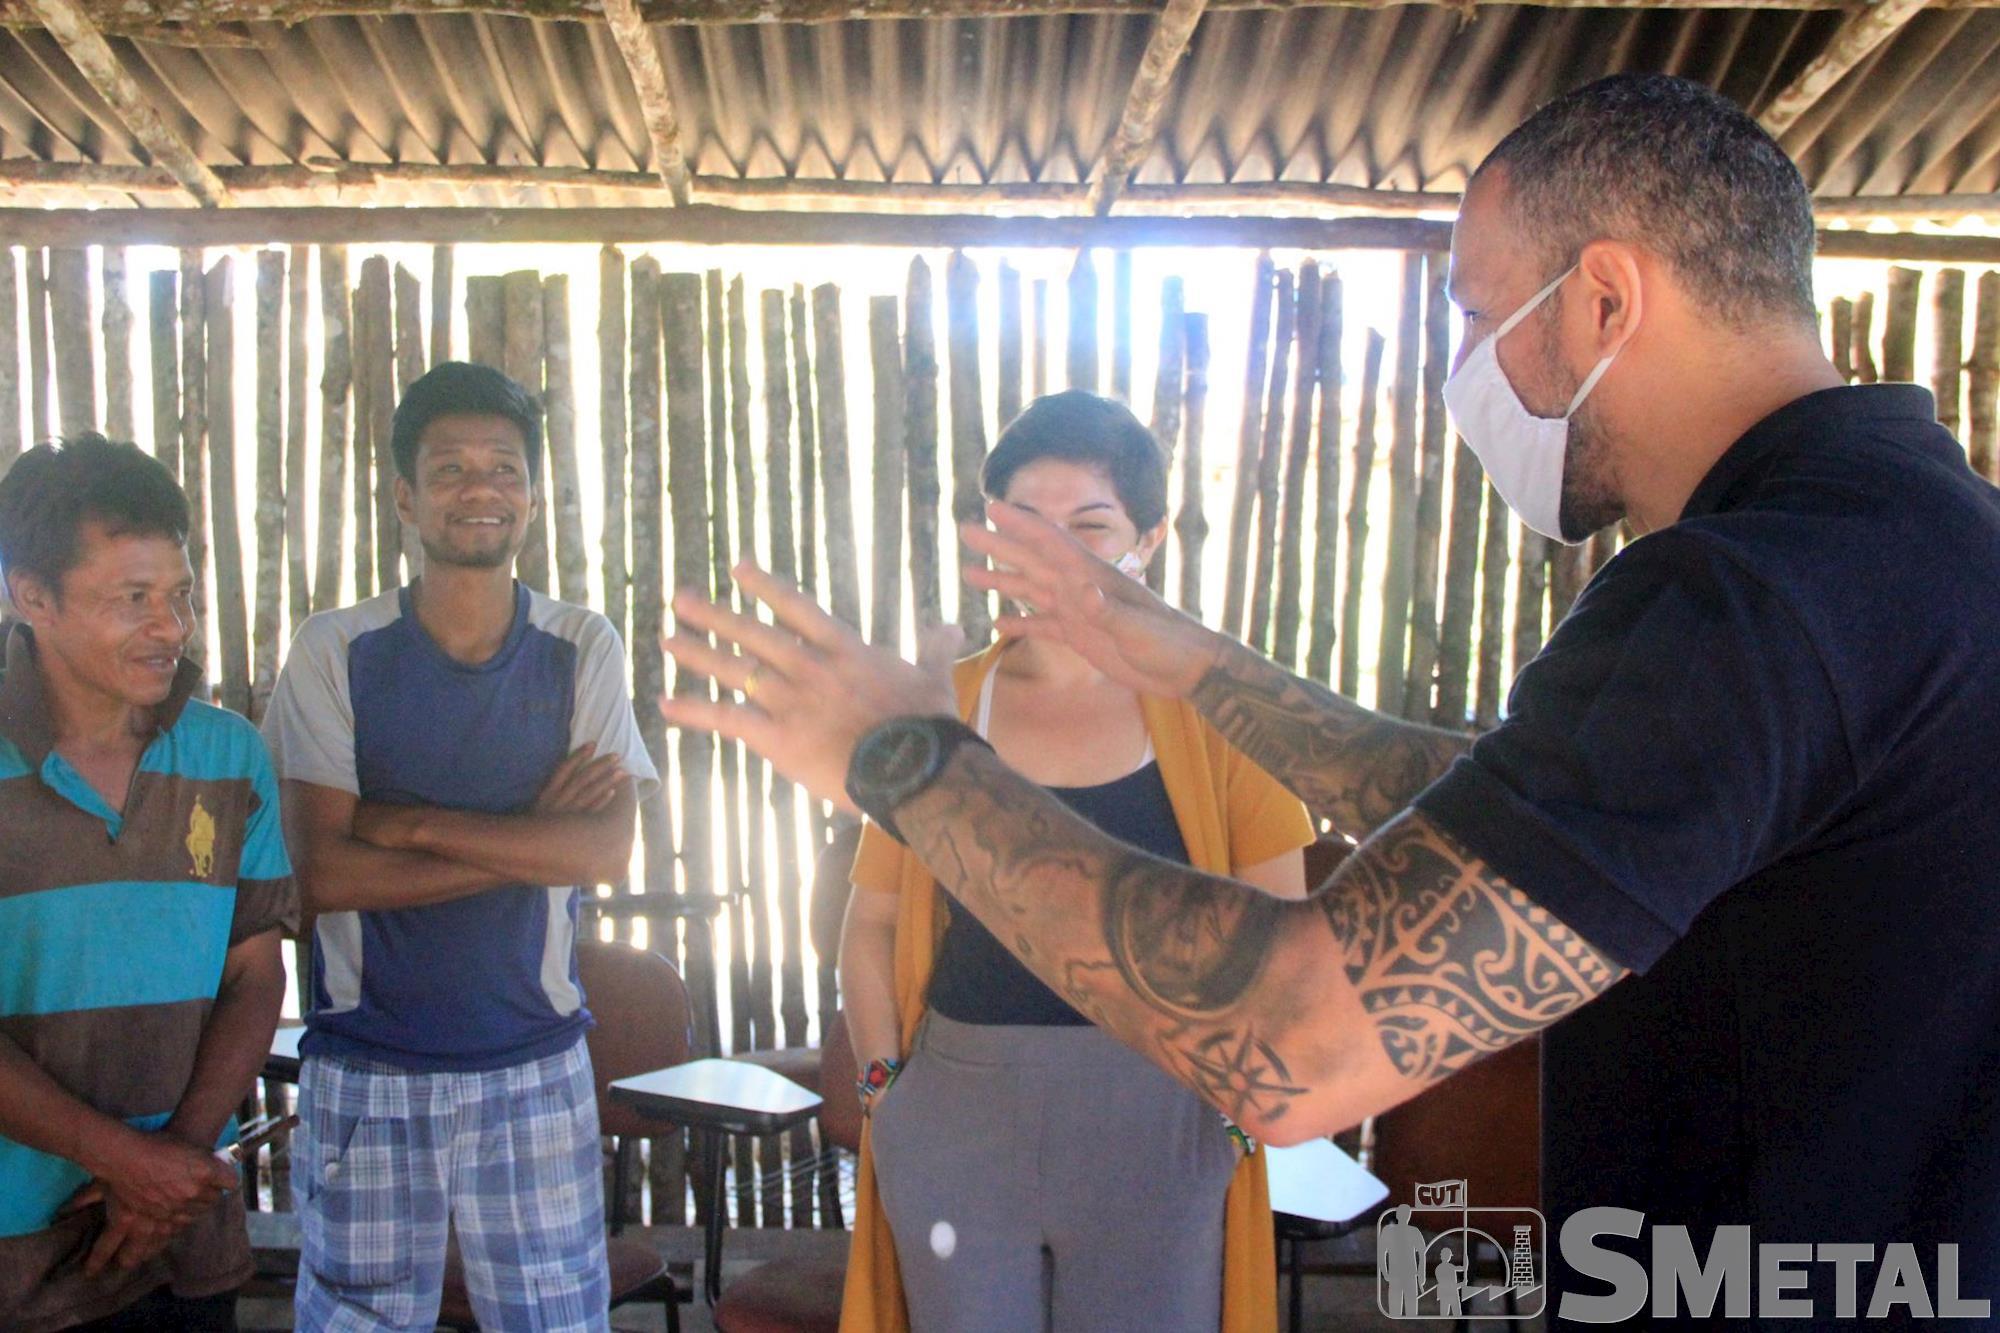 Jônatas Rosa/Imprensa SMetal , Tapiraí: SMetal doa móveis para sala de aula em aldeia indígena